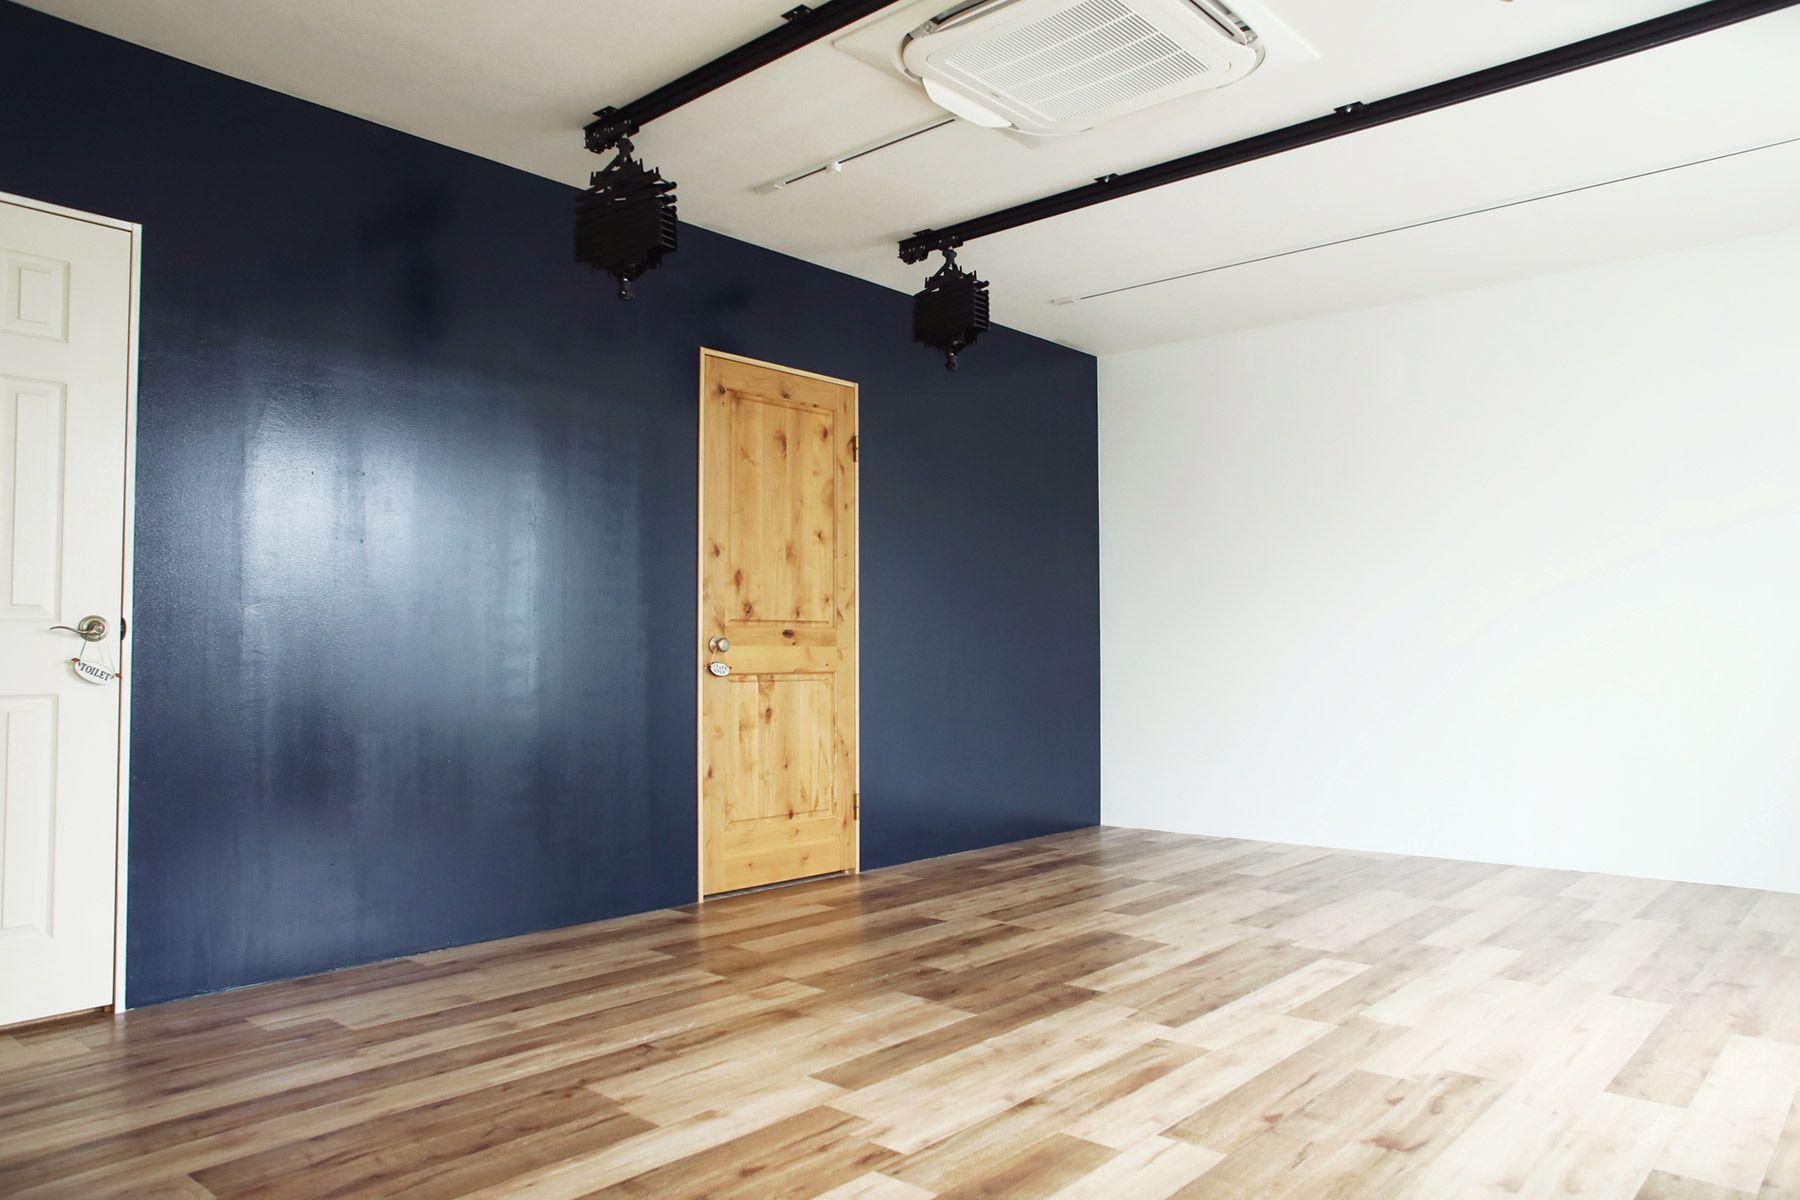 荻窪写真館スタジオ (オギクボシャシンカン)ネイビー壁